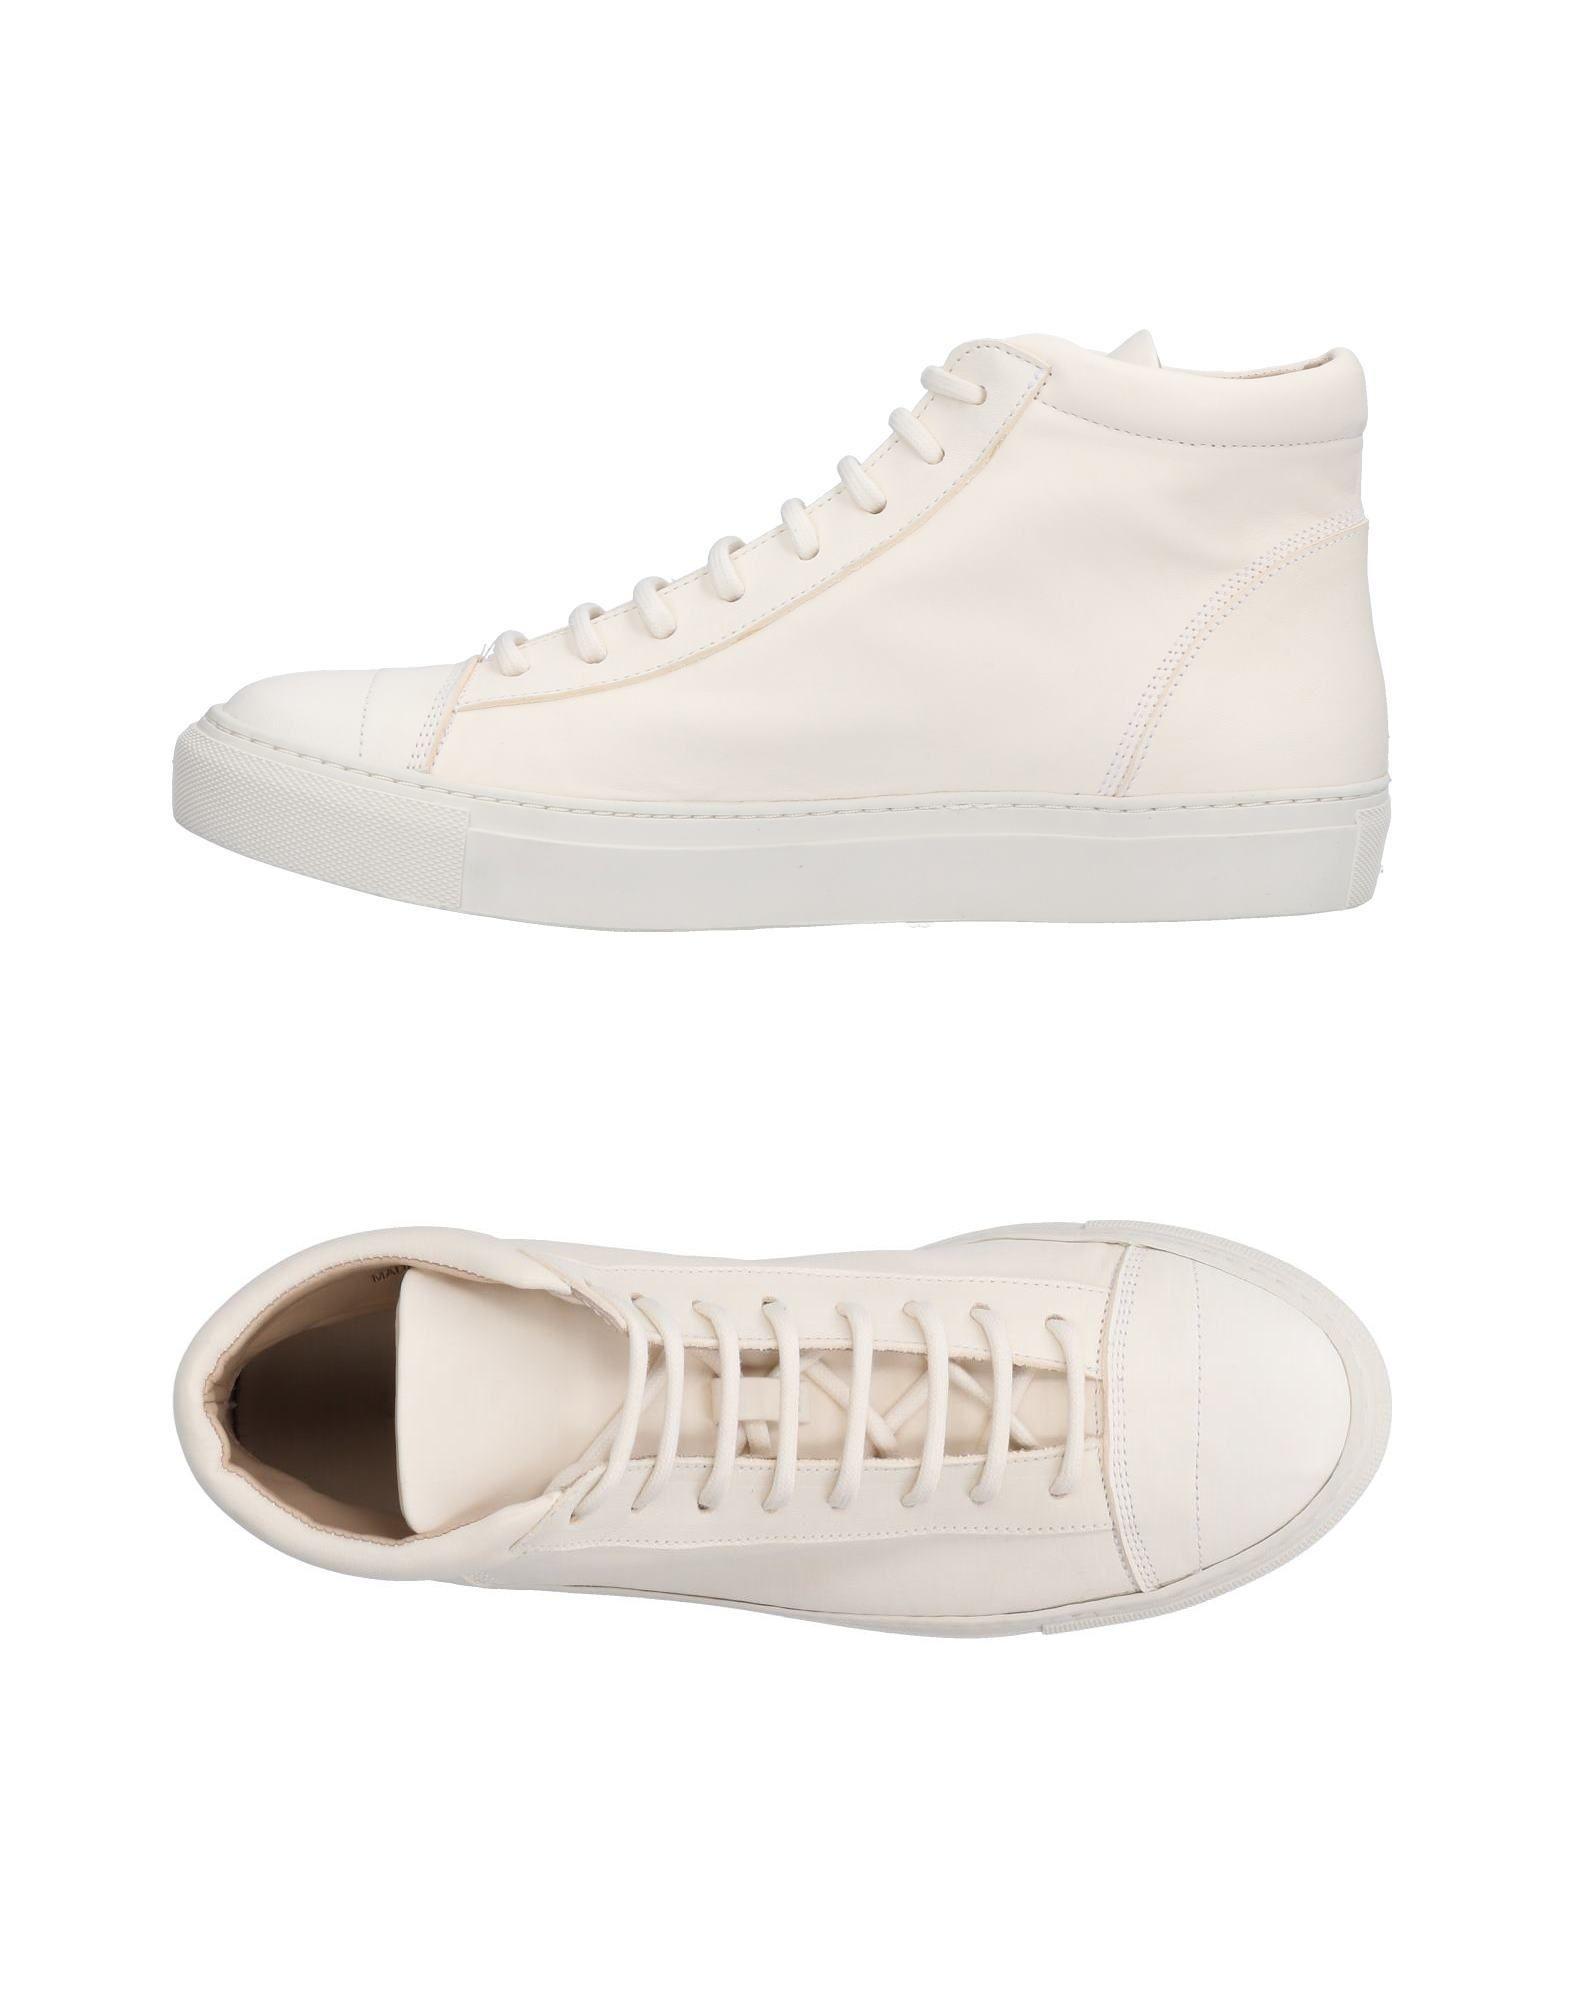 The Last Conspiracy Sneakers Herren  11517118XU Gute Qualität beliebte Schuhe